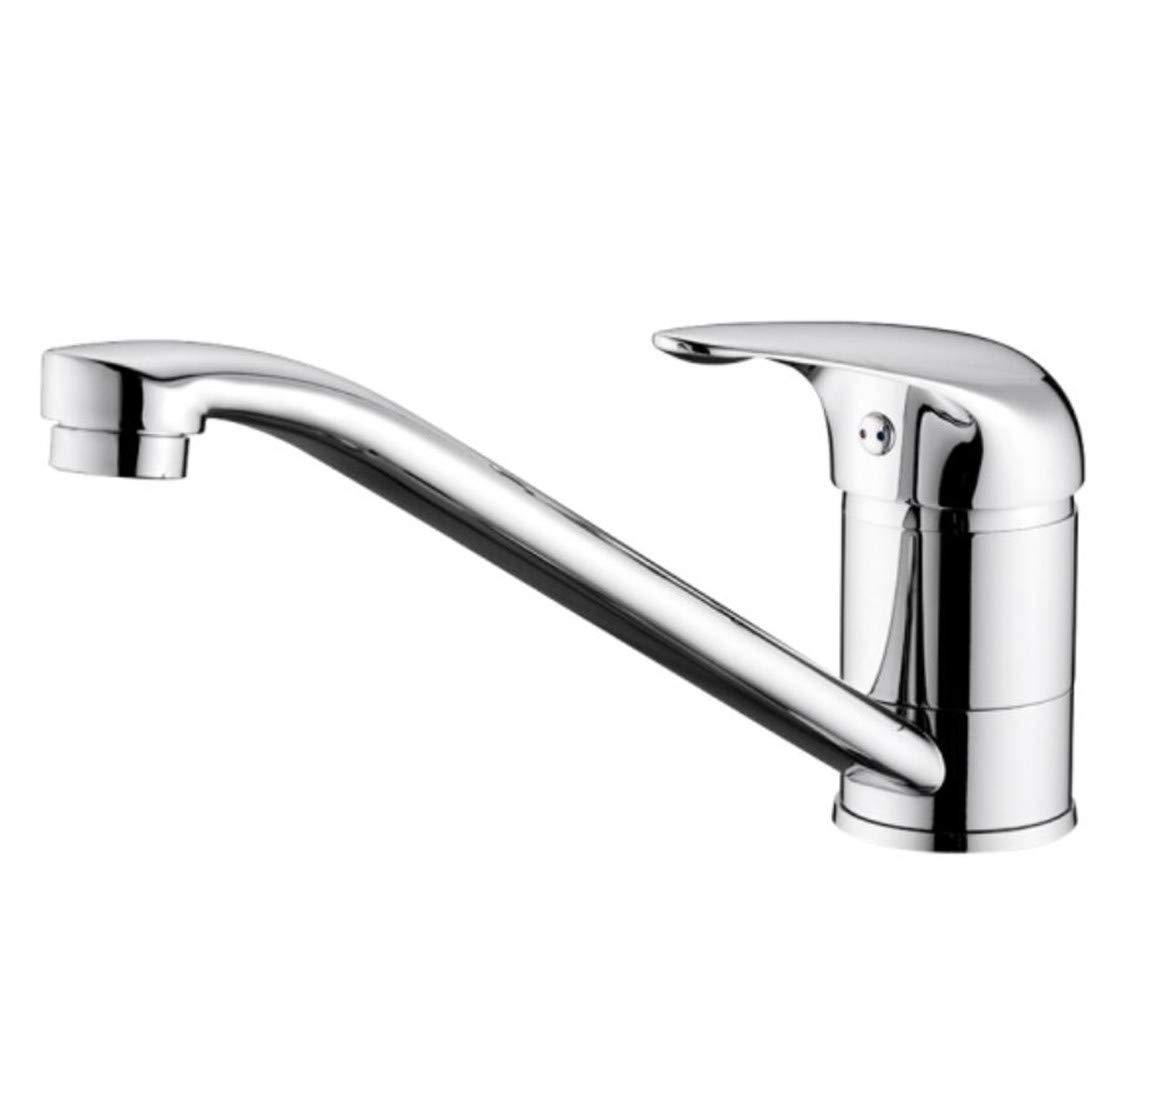 Mucert Badezimmer Küchenarmatur, Alle Kupfer Heiß Und Kalt Waschen gemäße Becken Wasserhahn, Drehbare Becken Wasserhahn.